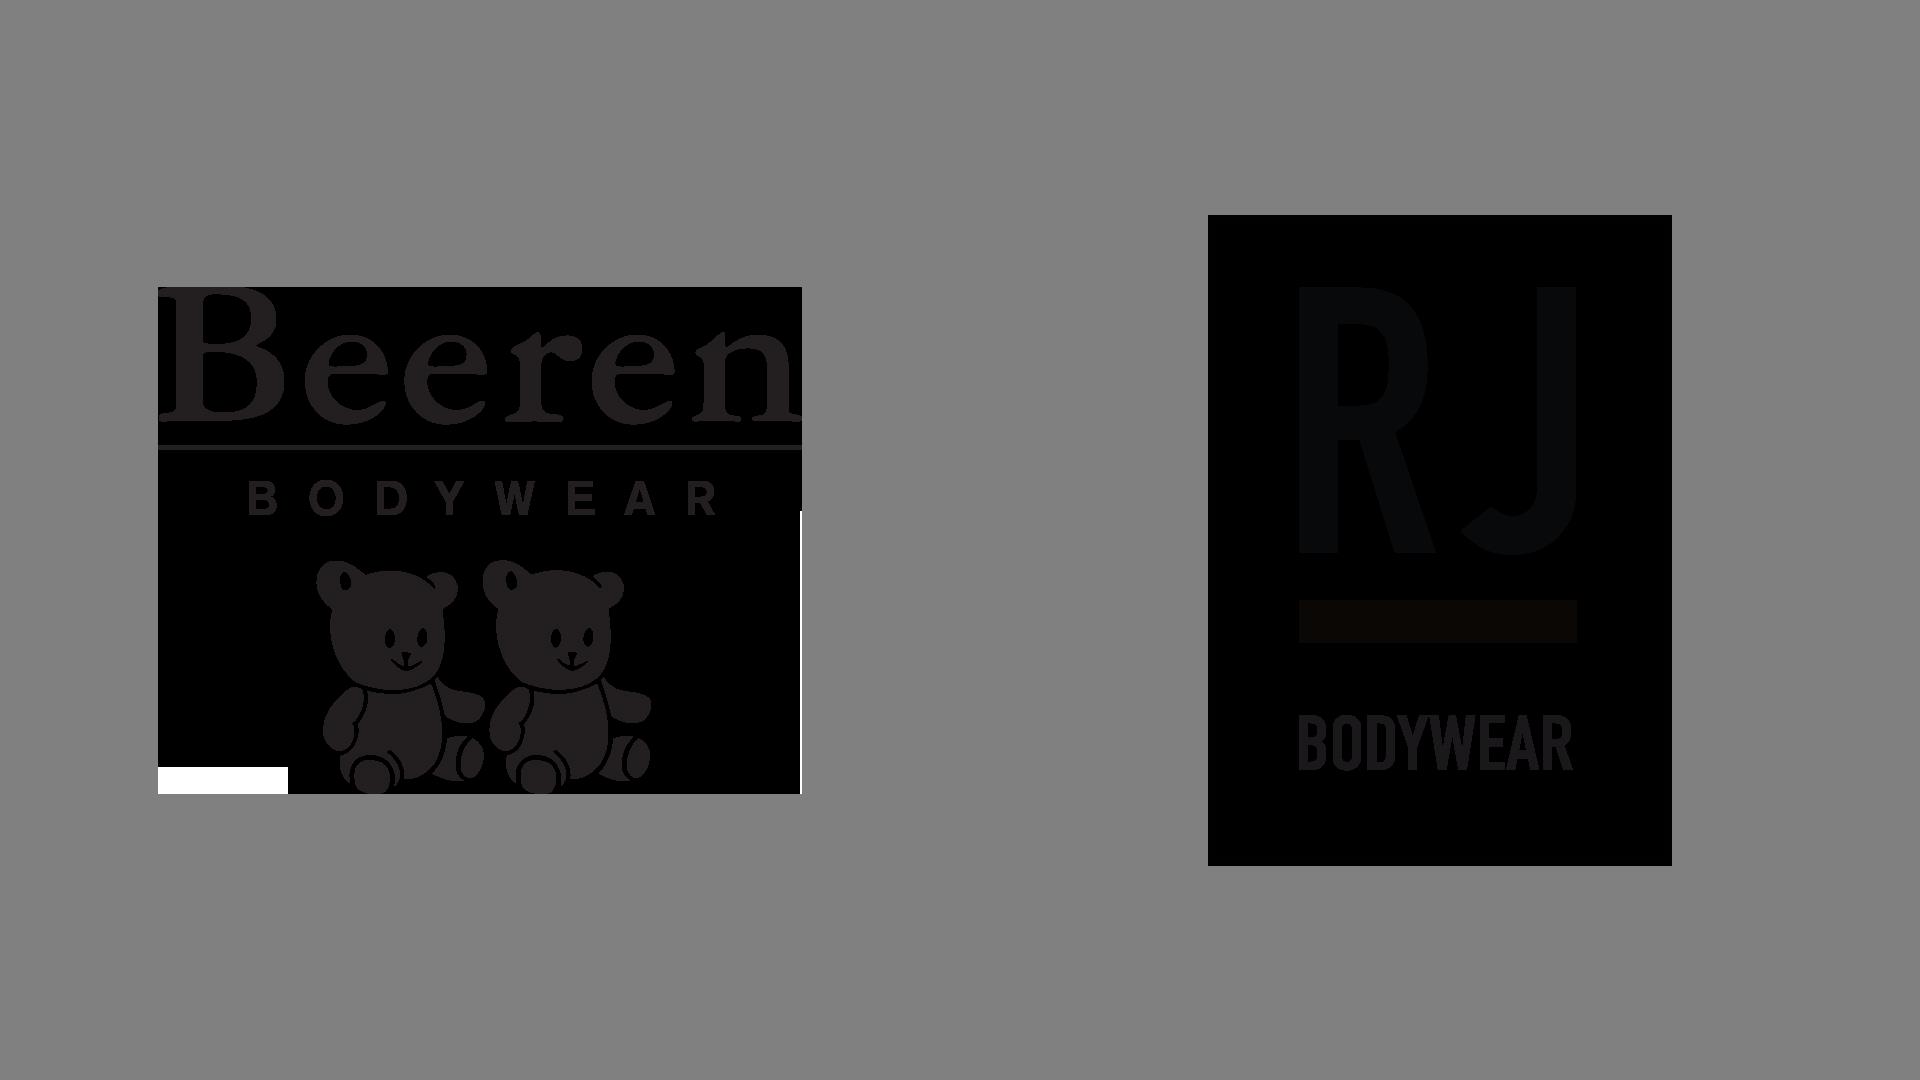 Over RJ bodywear